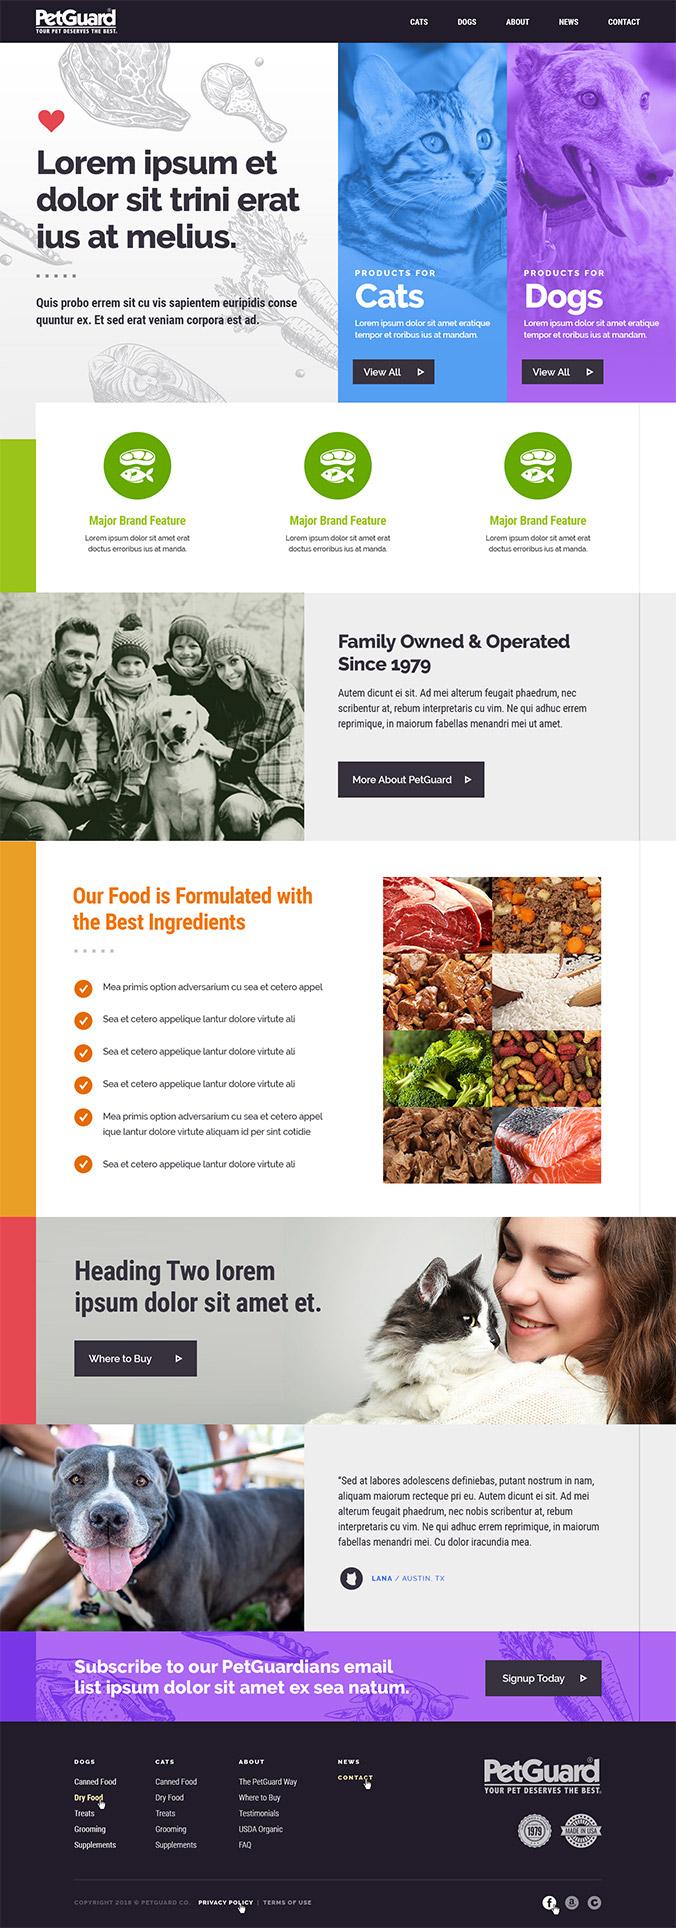 PetGuard home page